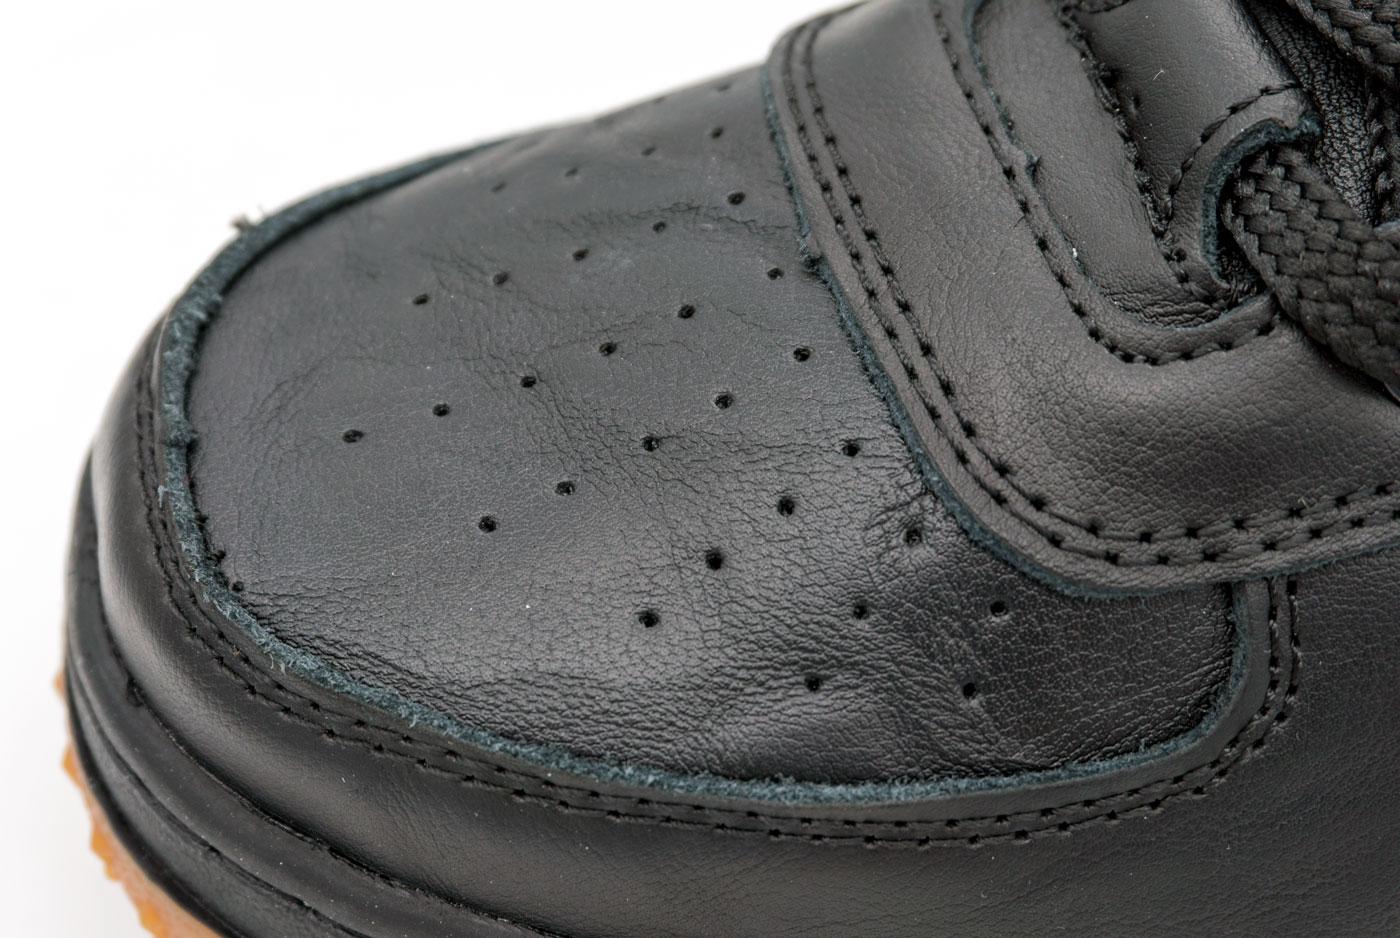 большое фото №6 Высокие кроссовки Nike Lunar Force 1 черные AIR FORCE